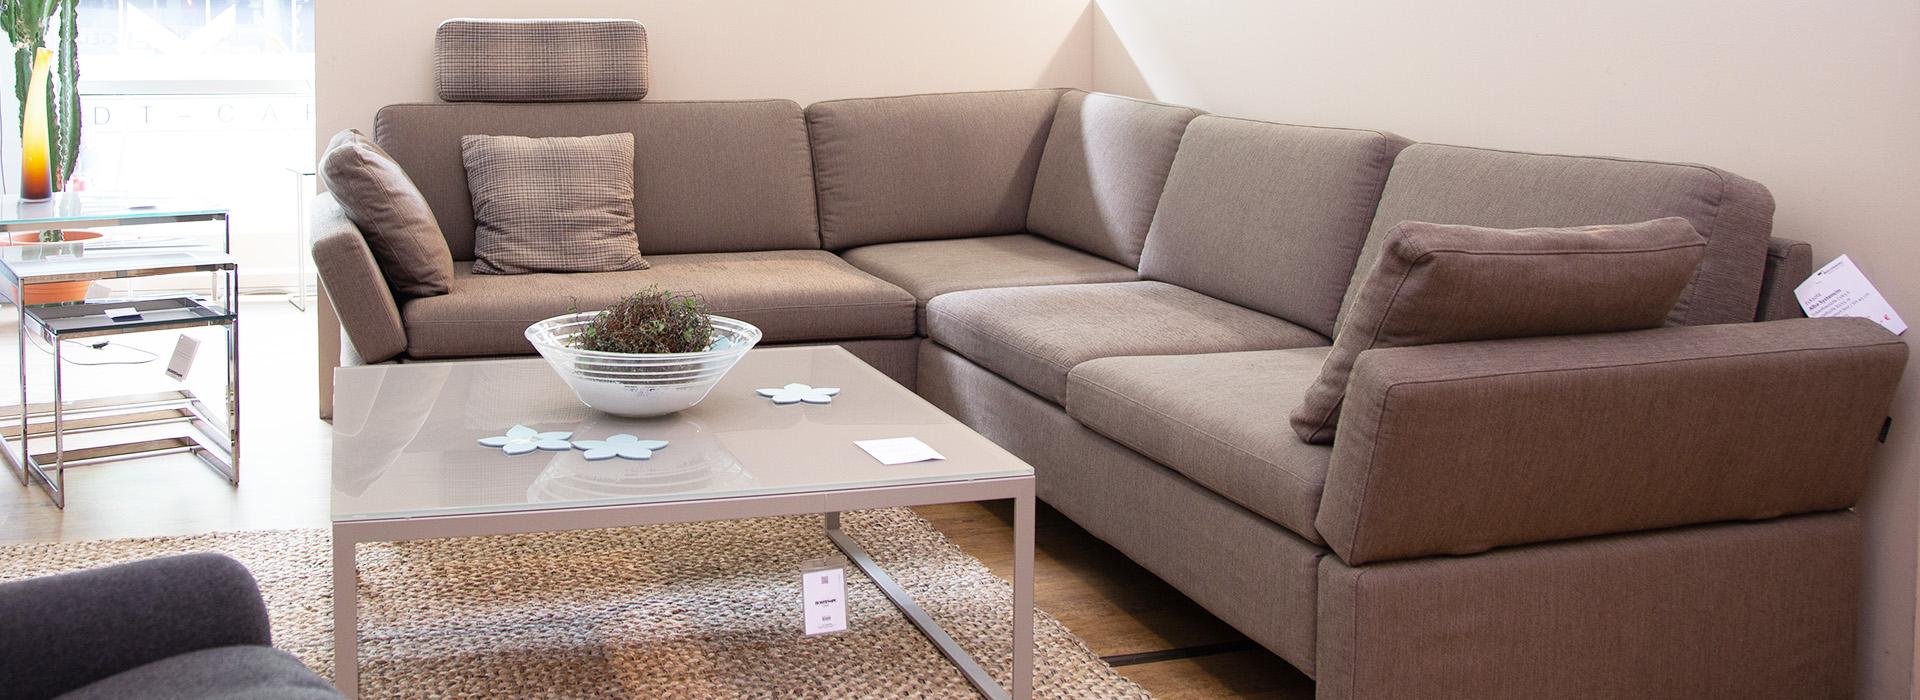 Full Size of Signet Sofa Good Life Couch Goodlife Amazon Furniture Love Malaysia Angebote Wohnen Bei Wollenberg In Essen I Jetzt Stbern Und Entdecken Riess Ambiente Marken Sofa Goodlife Sofa